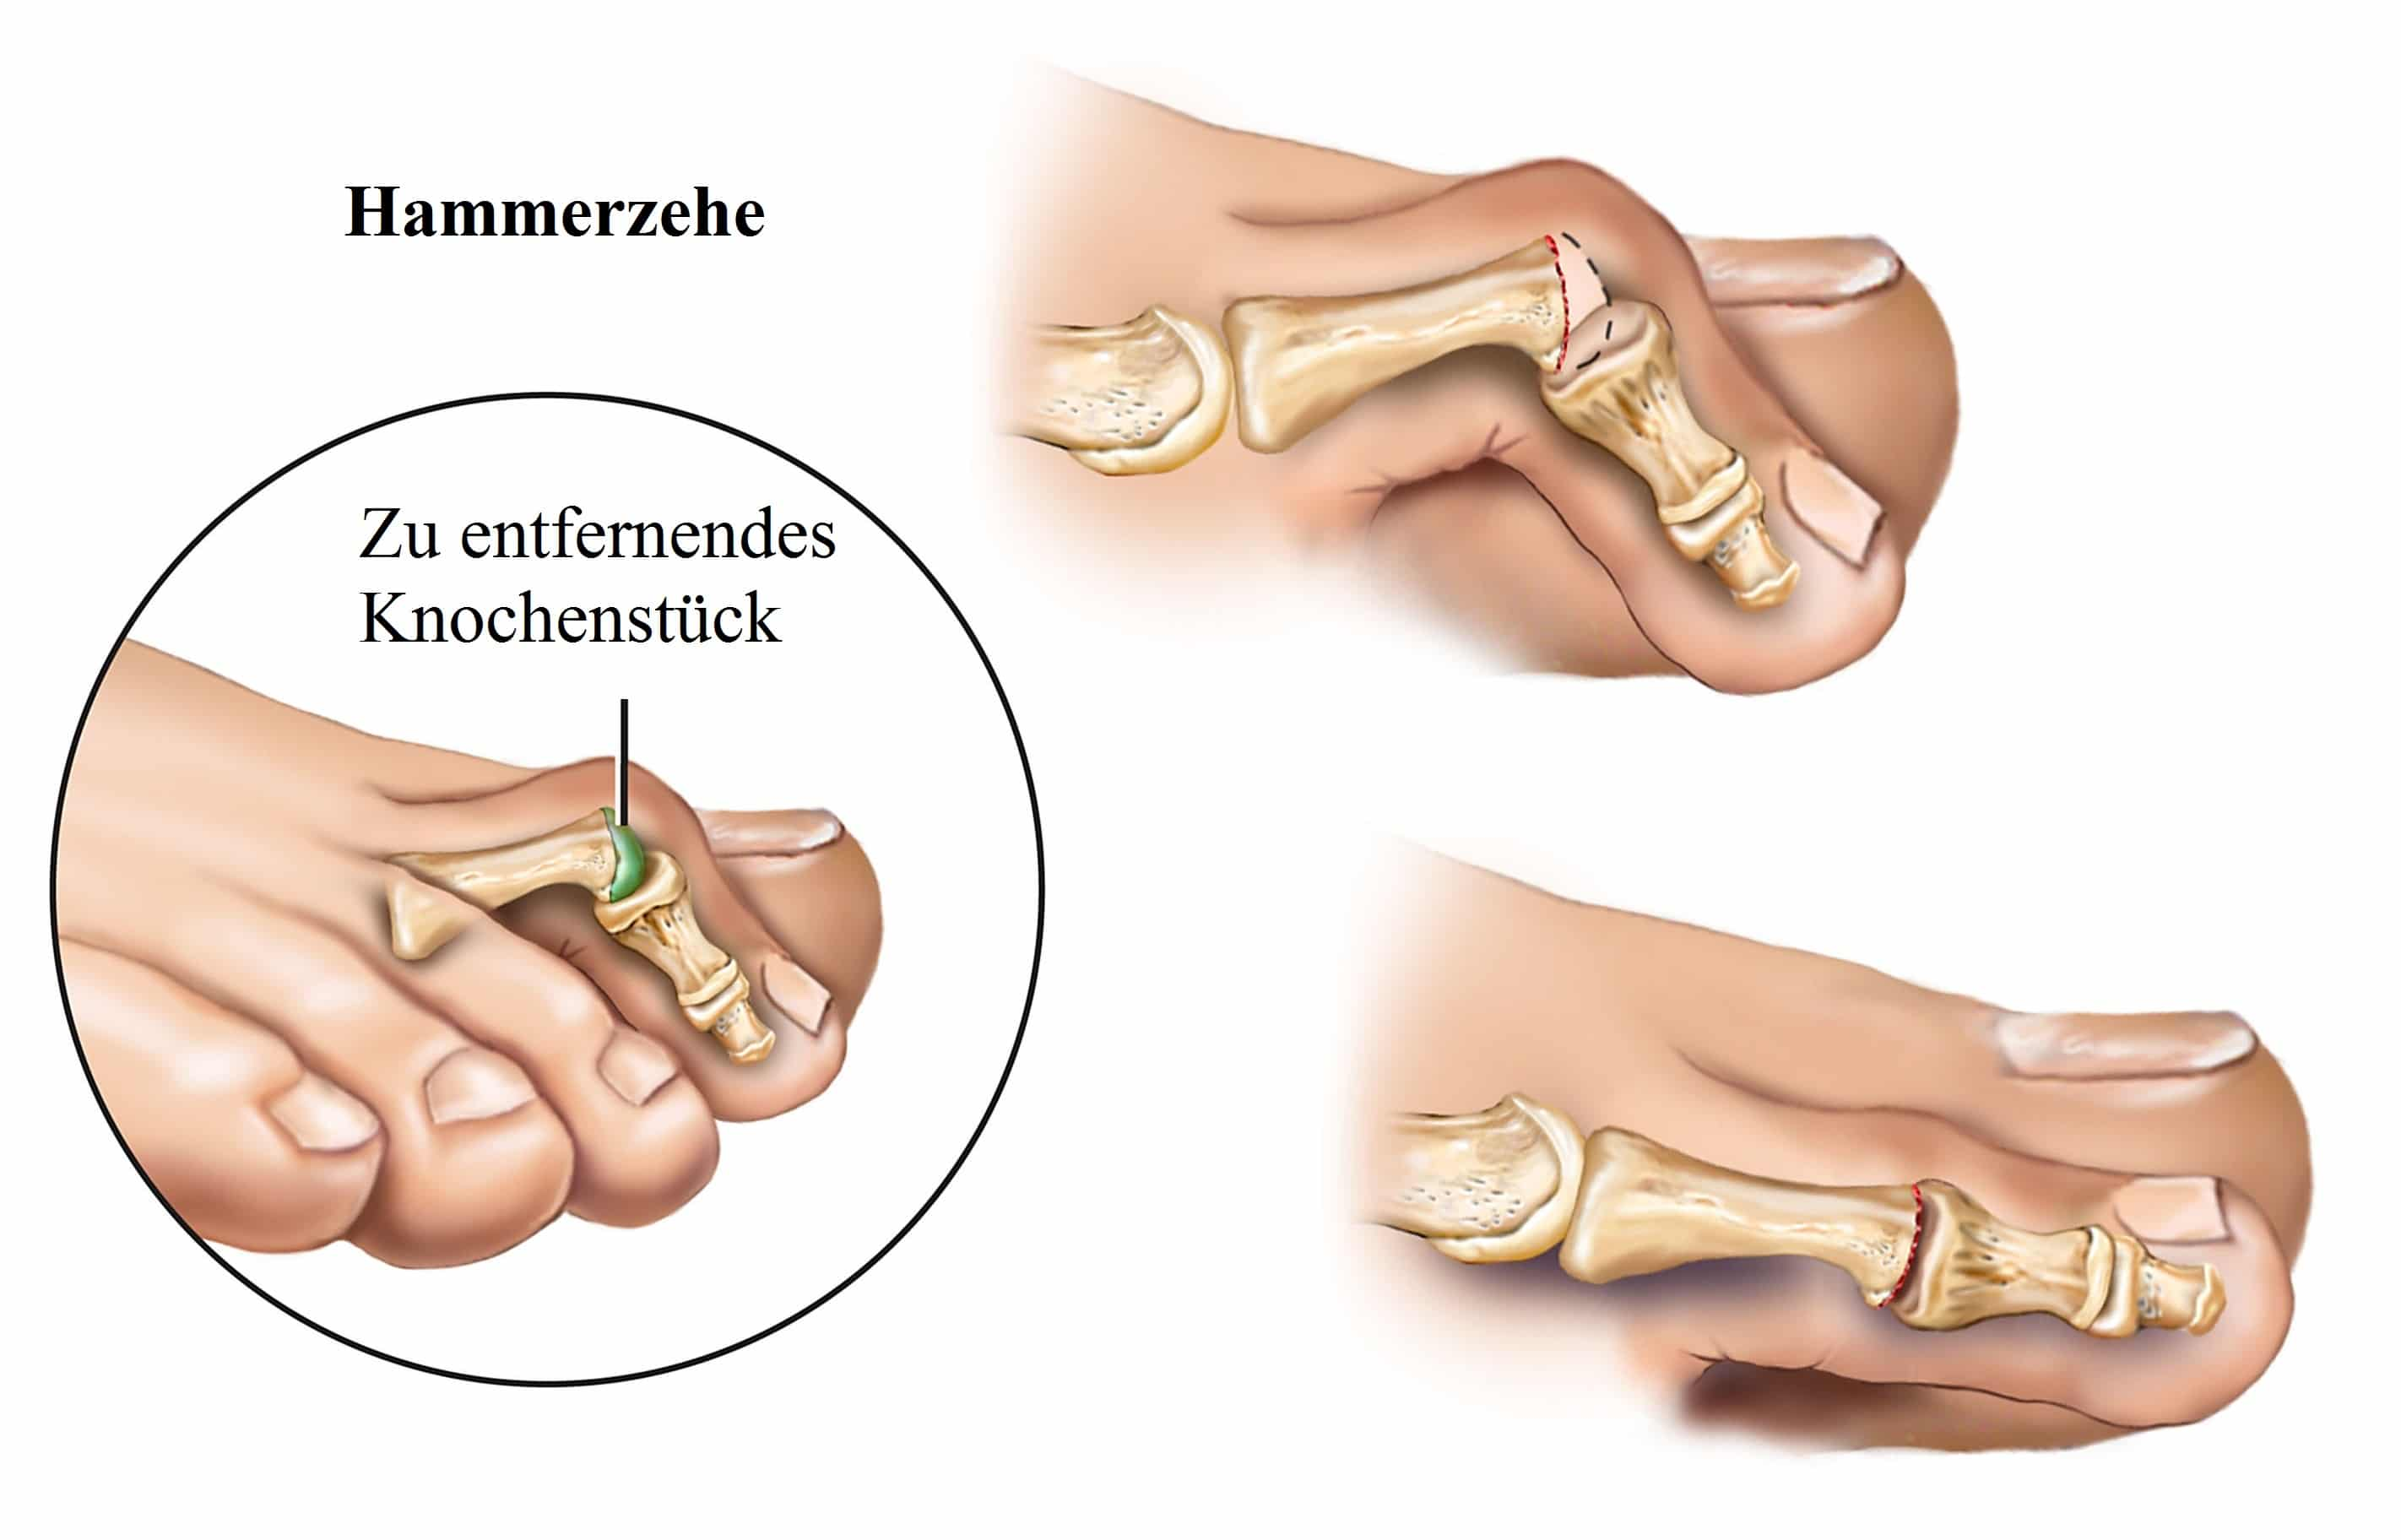 Fußschmerzen, Fuß, Auftreten, Spann, Außenseite, Innenseite, Oben